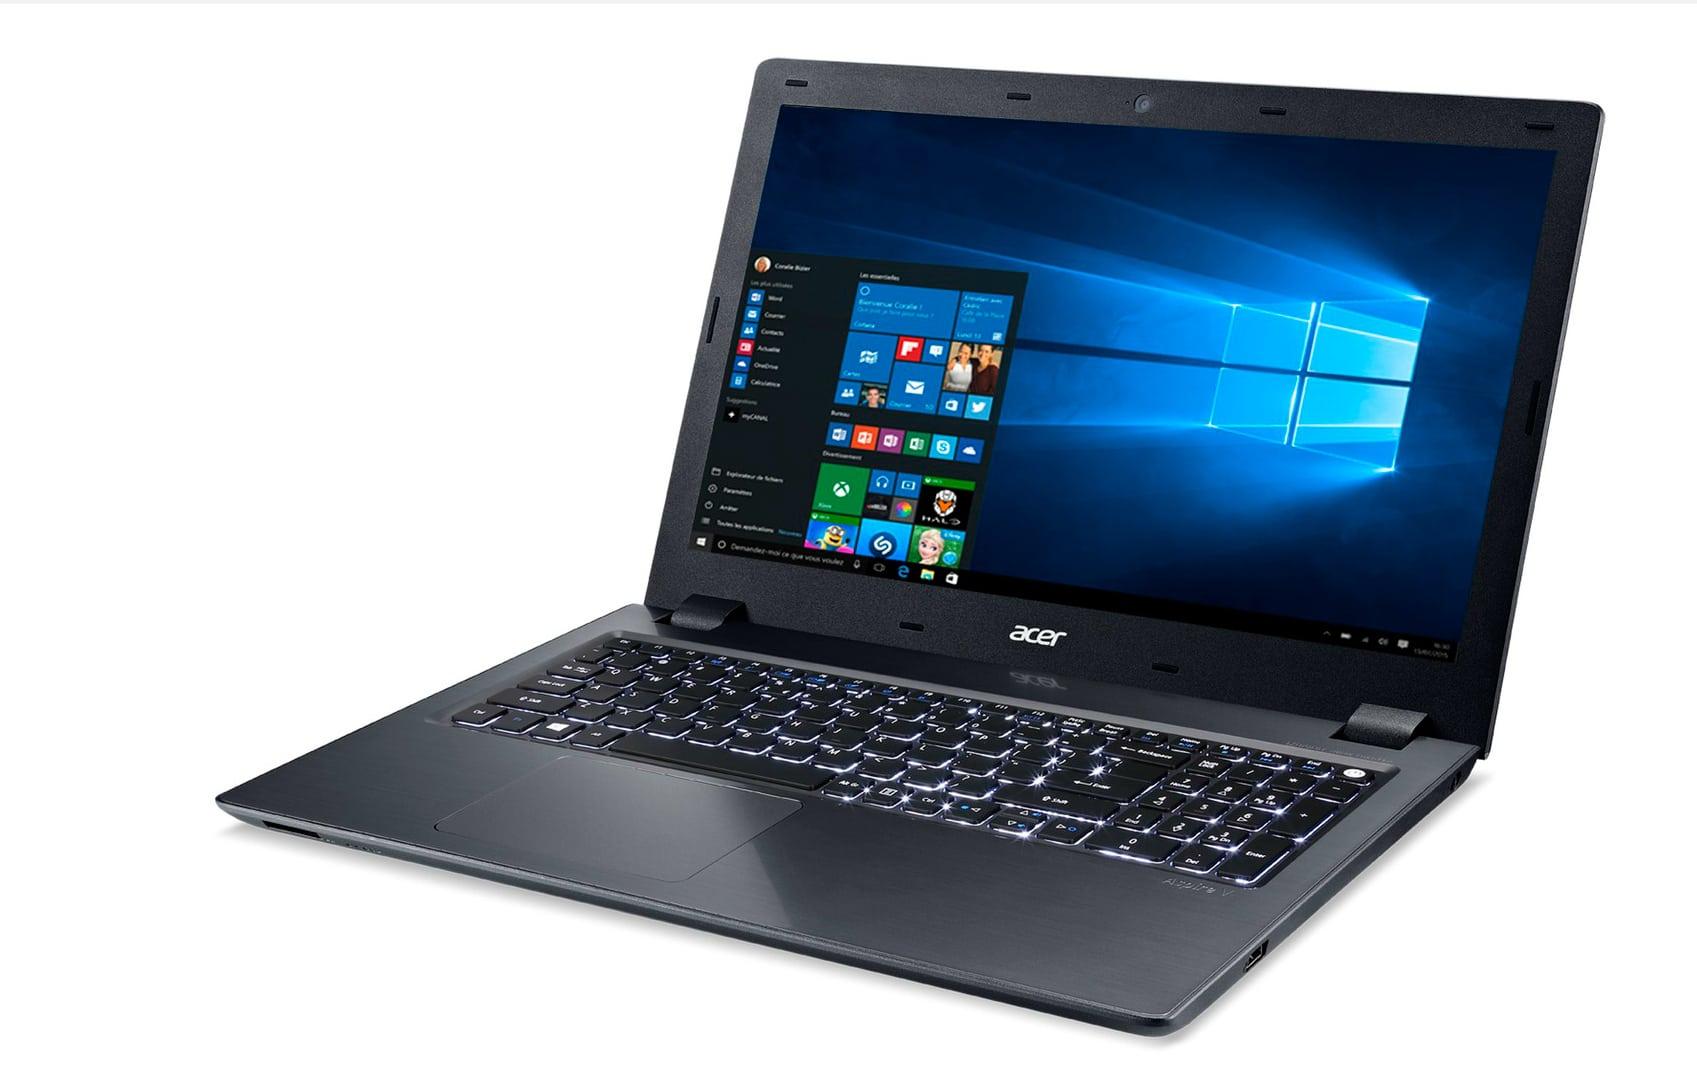 Revue de presse des tests publiés sur le Web (Acer Aspire V5-591G)